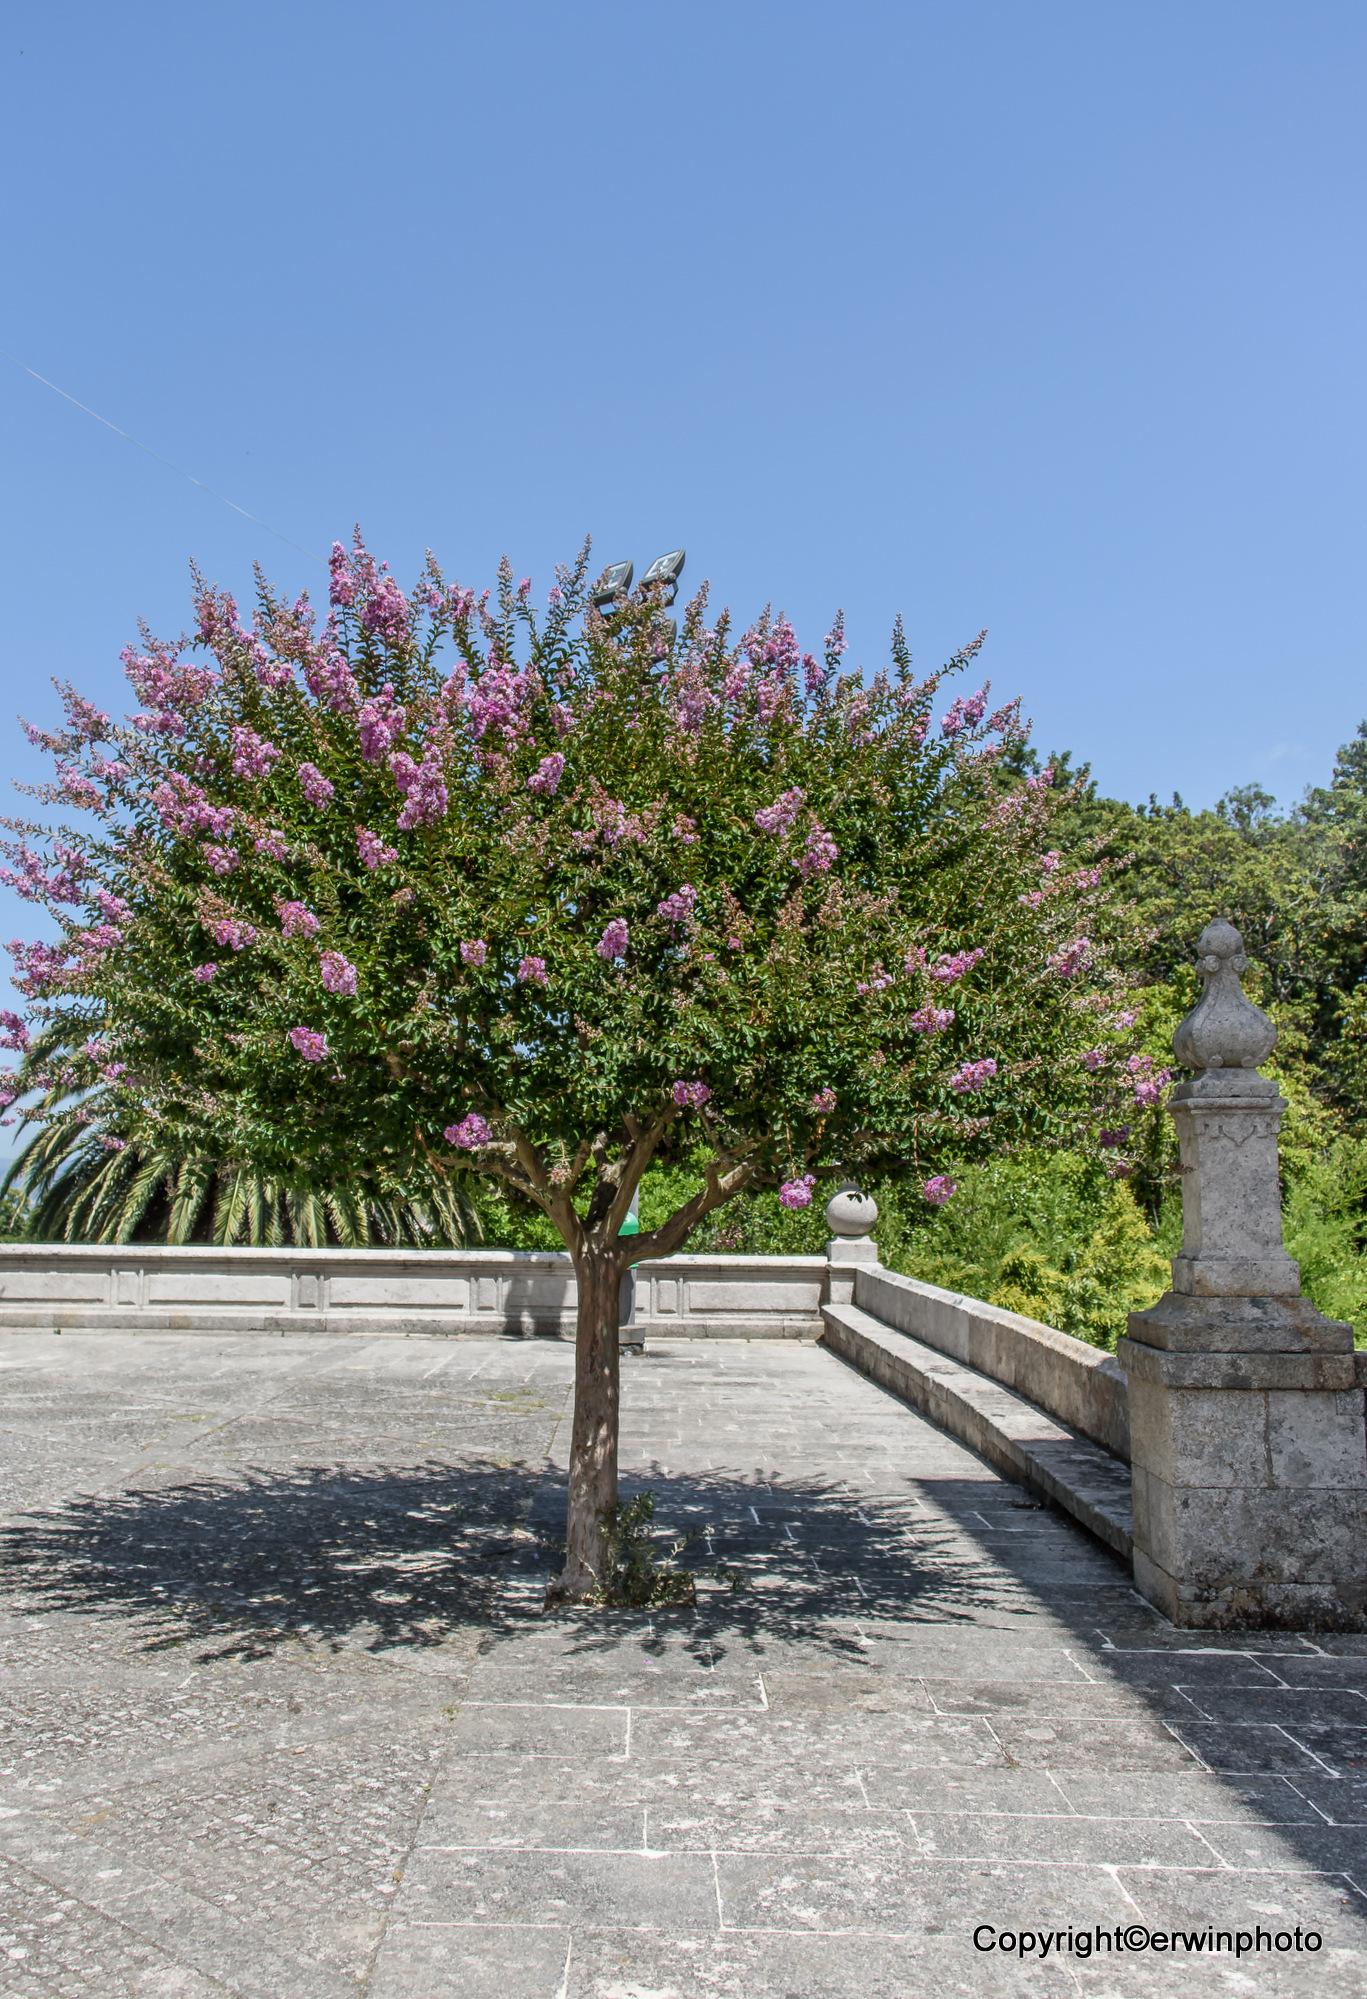 kleiner blühender Baum vor der Kirche